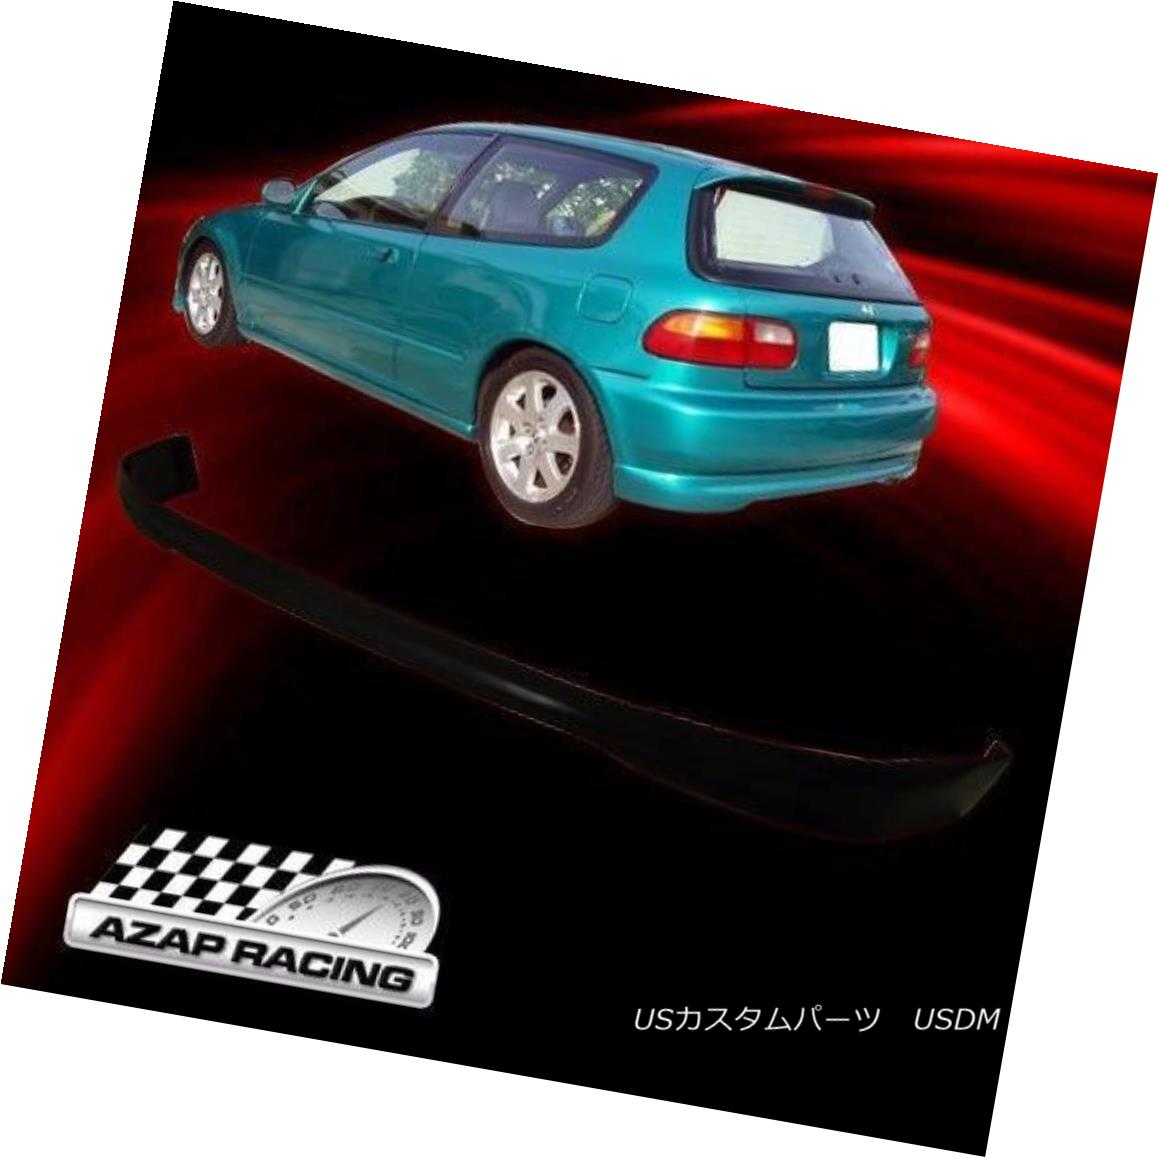 エアロパーツ 1992-1995 Black PU Rear Bumper Lip Spoiler Fits Honda Civic Hatchback 3Dr 1992-1995 Black PUリアバンパーリップスポイラー、ホンダシビックハッチバック3Drにフィット